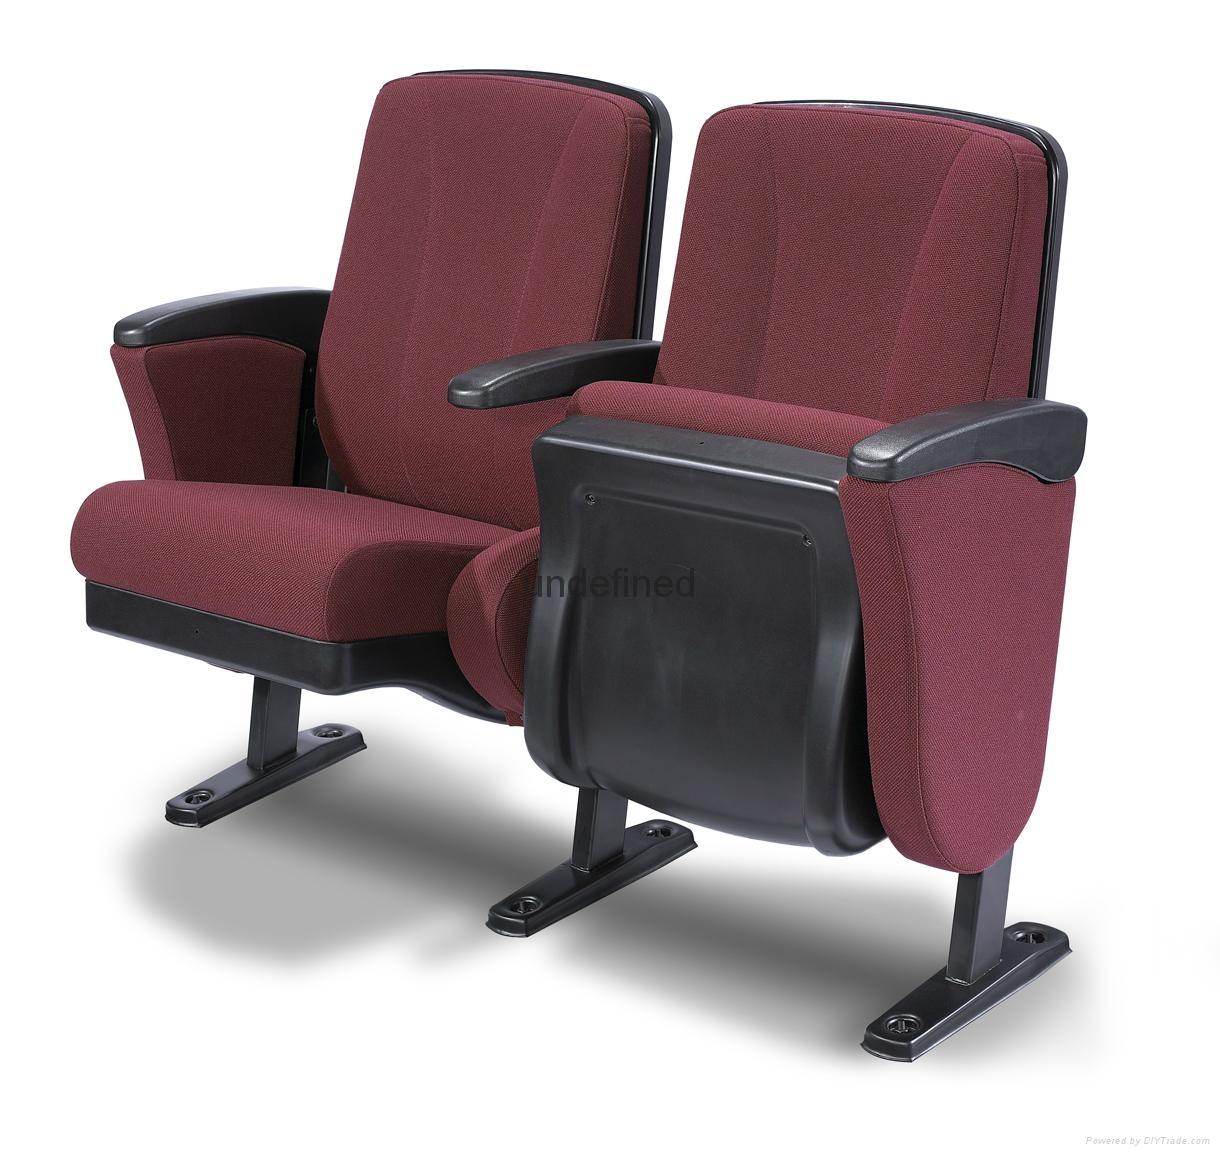 礼堂椅 1